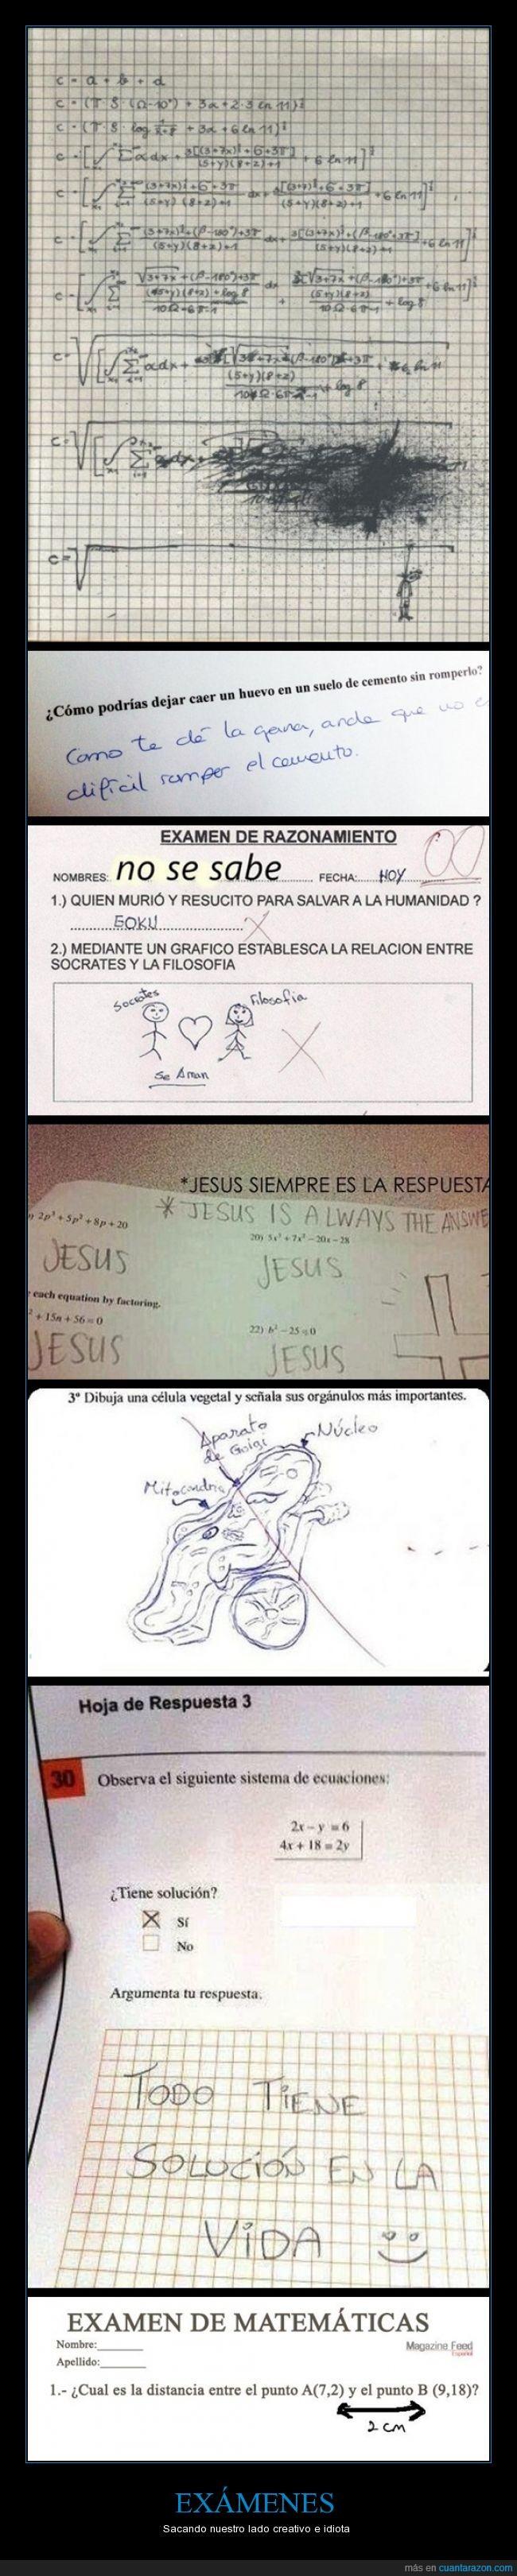 contestacion,contestar,examenes,jesus,respuesta,troll